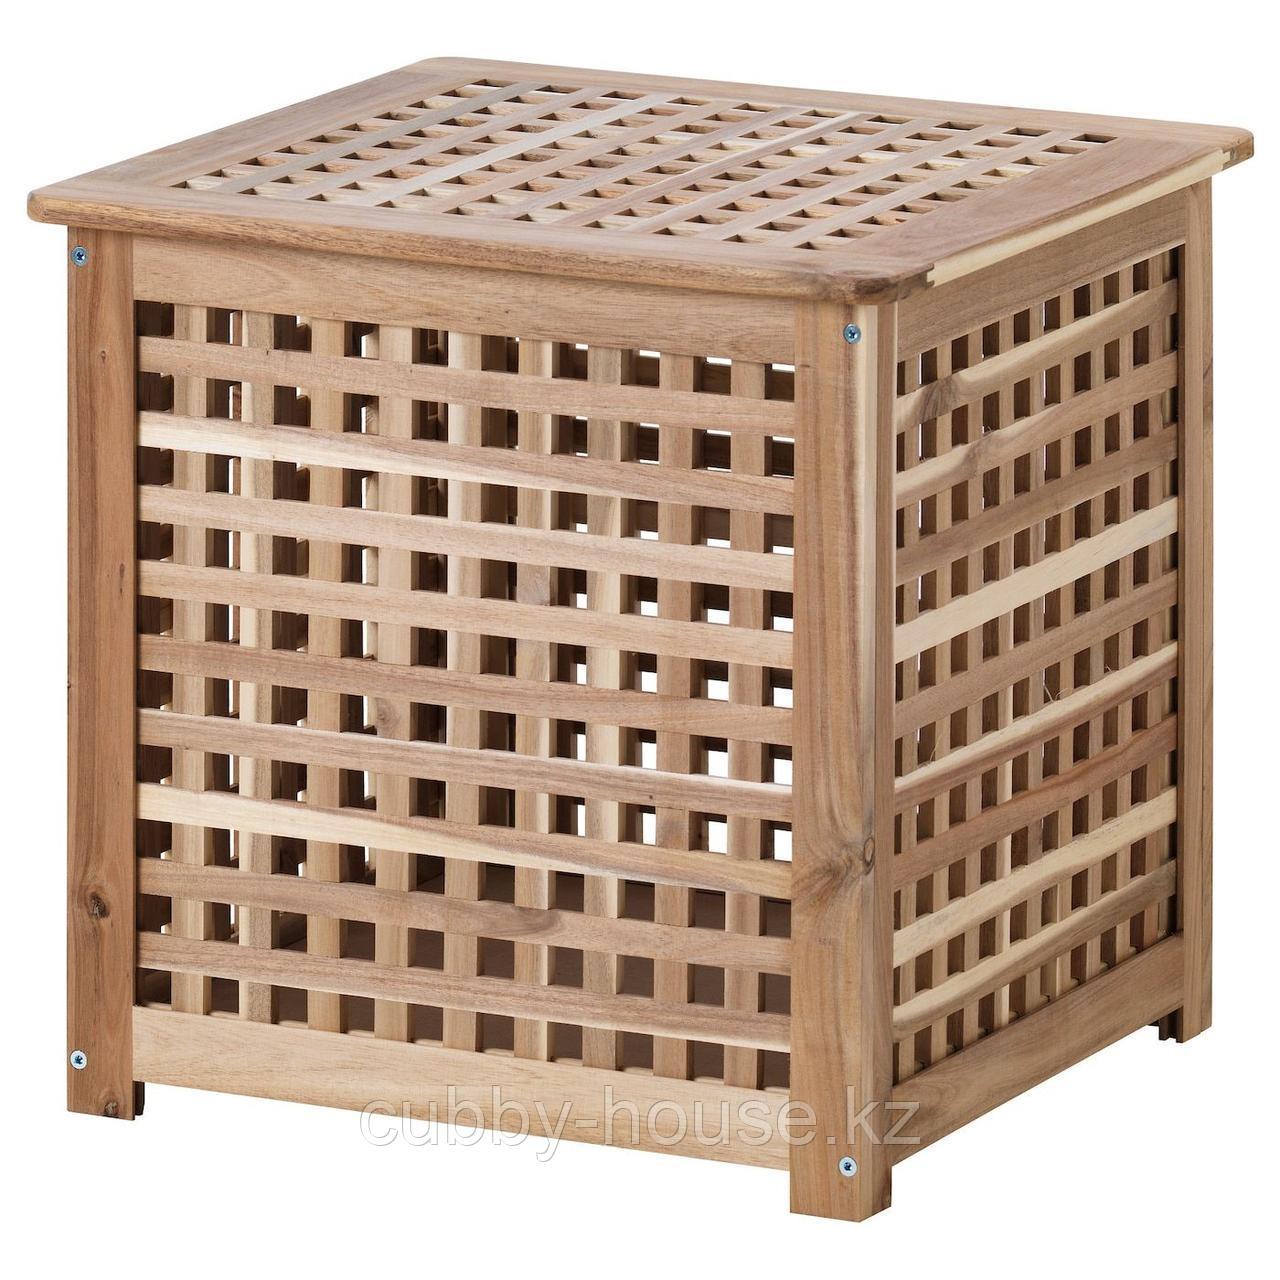 ХОЛ Придиванный столик, акация, 50x50 см